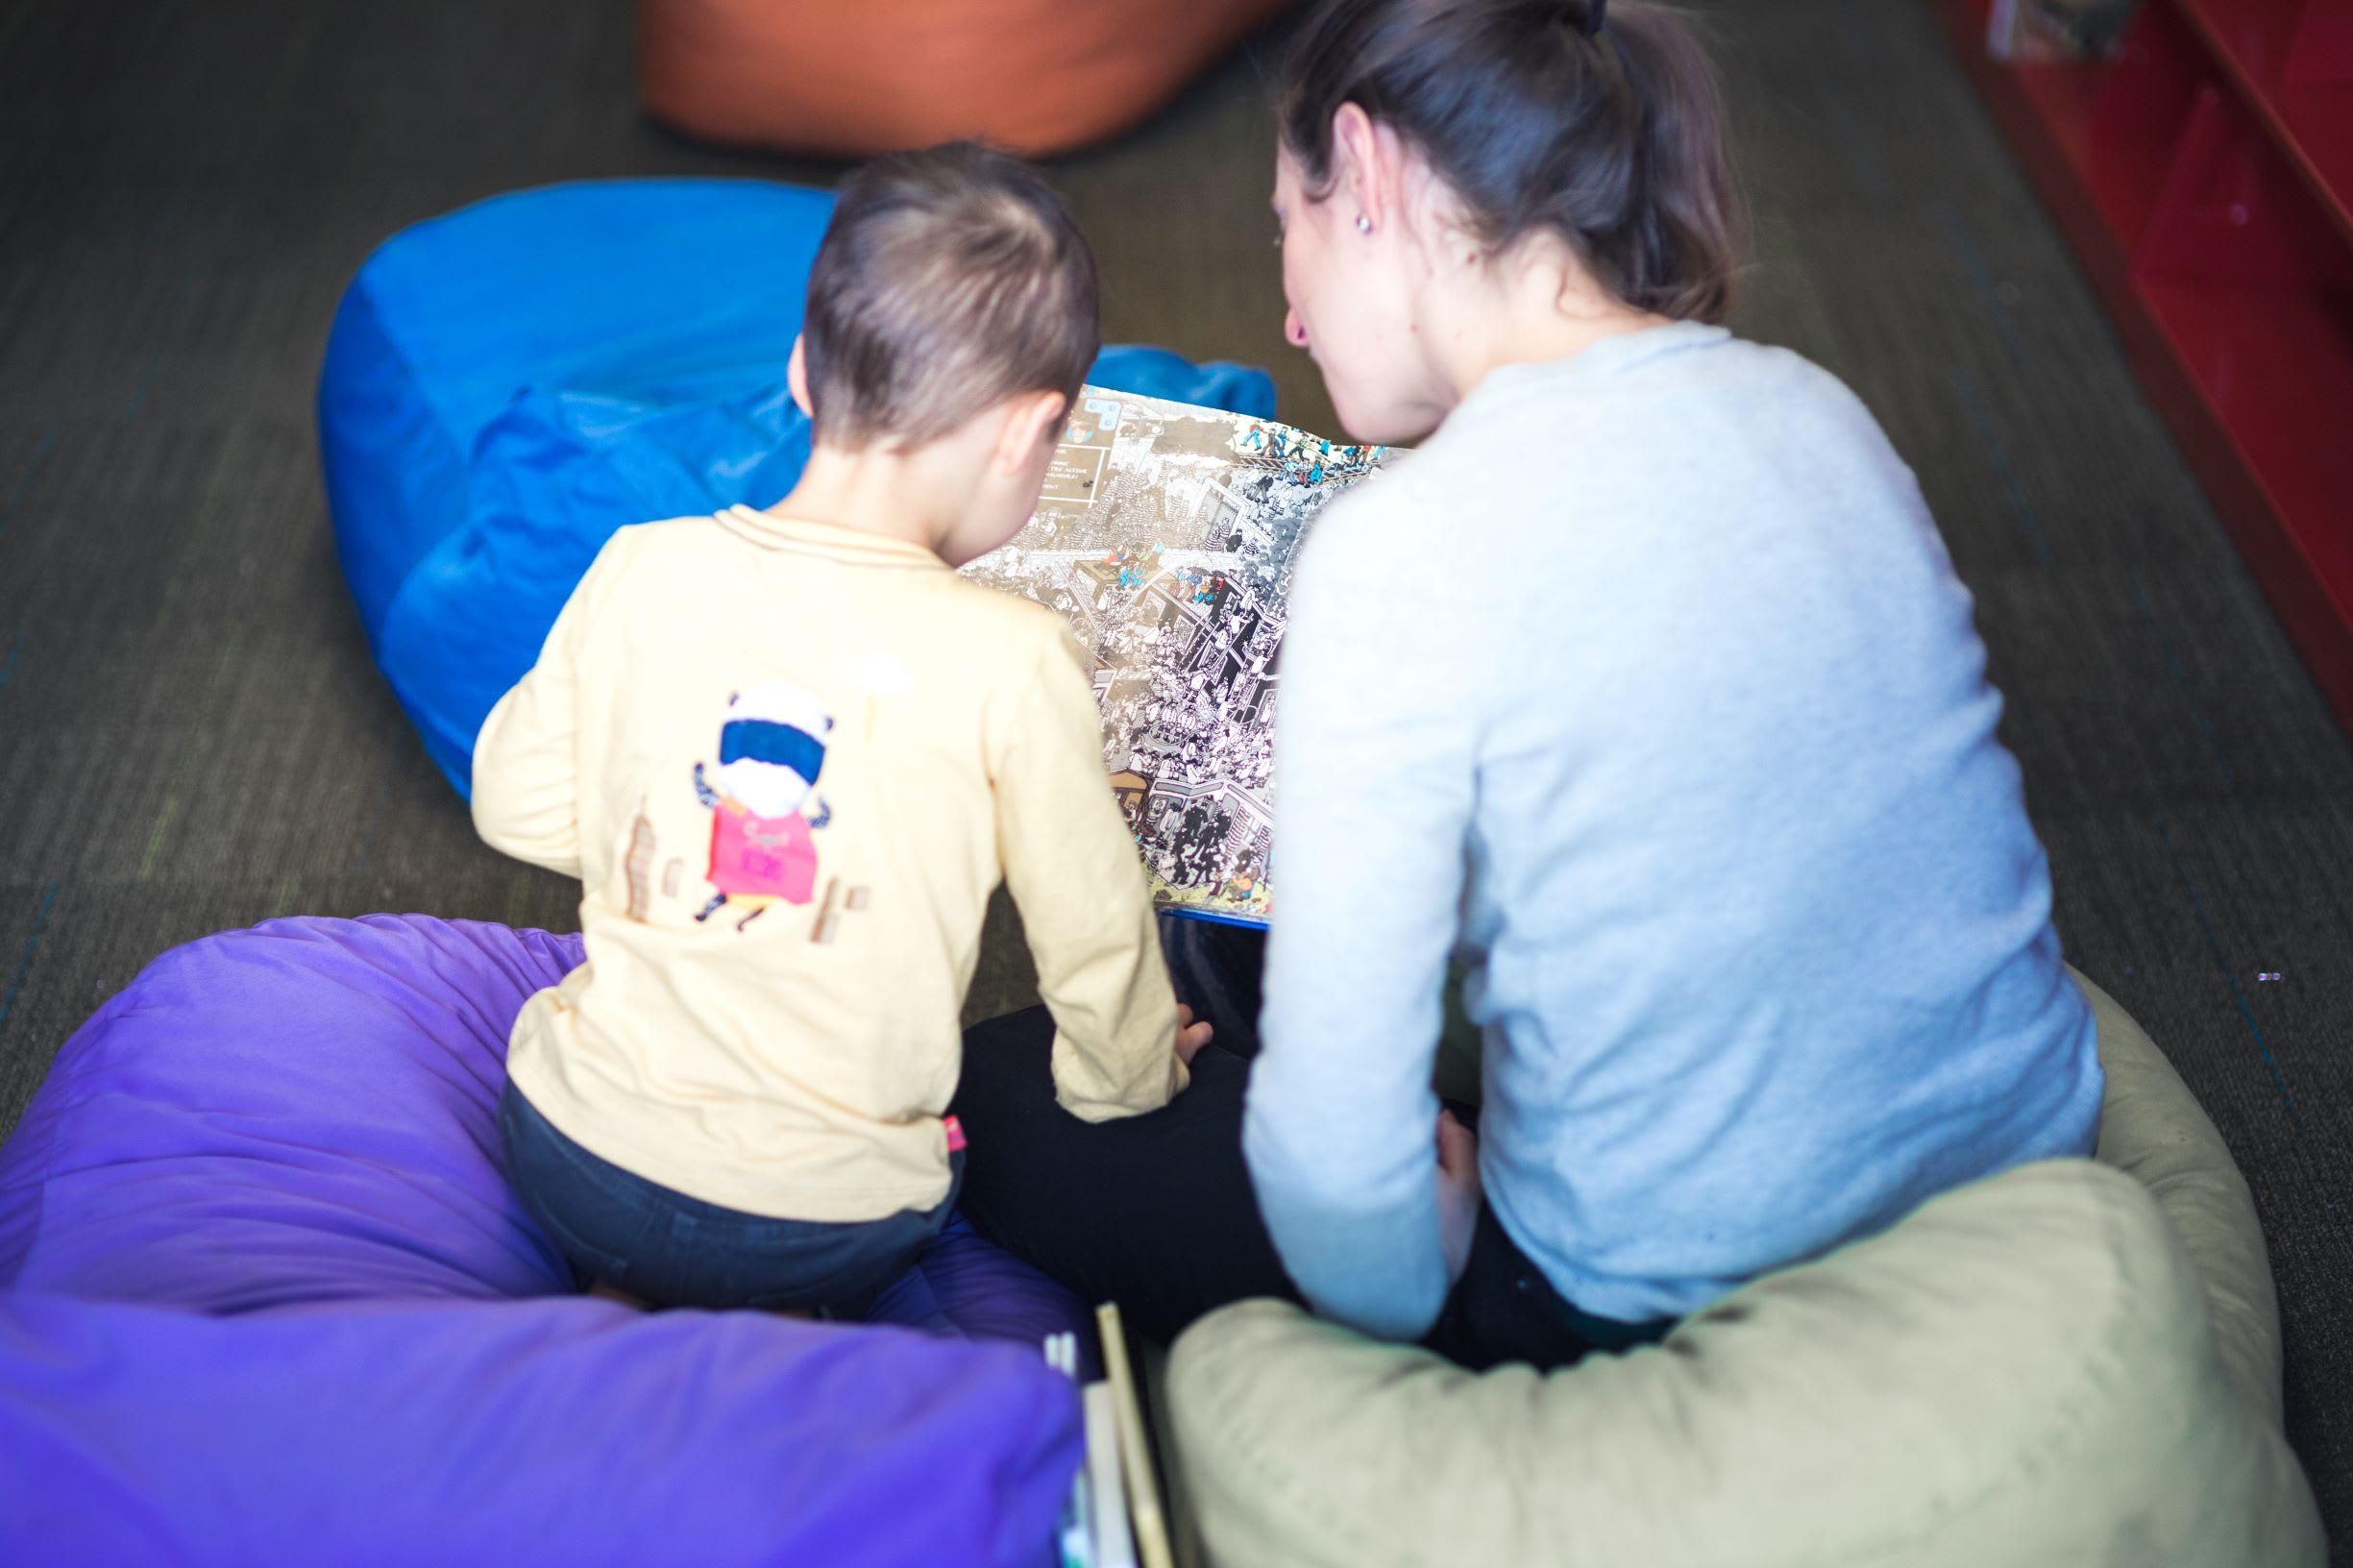 Un enfant et un adulte de dos qui lisent une bande dessinée